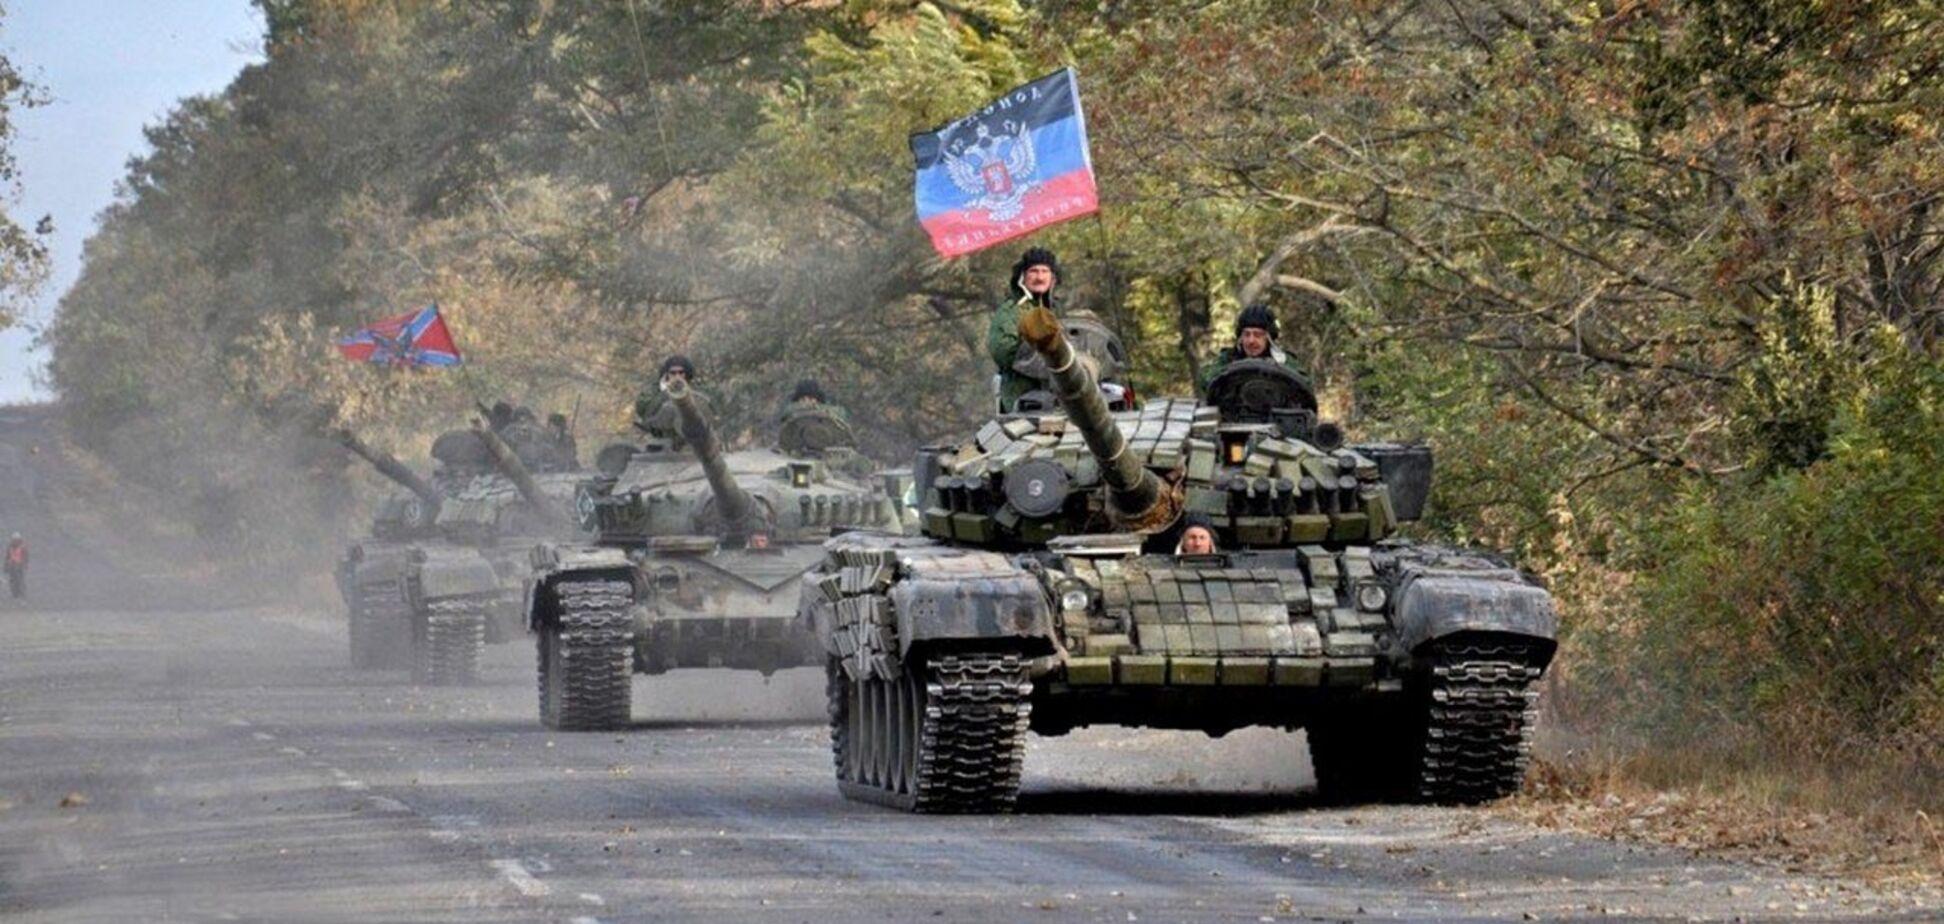 Буде наступ? Окупанти підігнали танки й артилерію на Донбасі